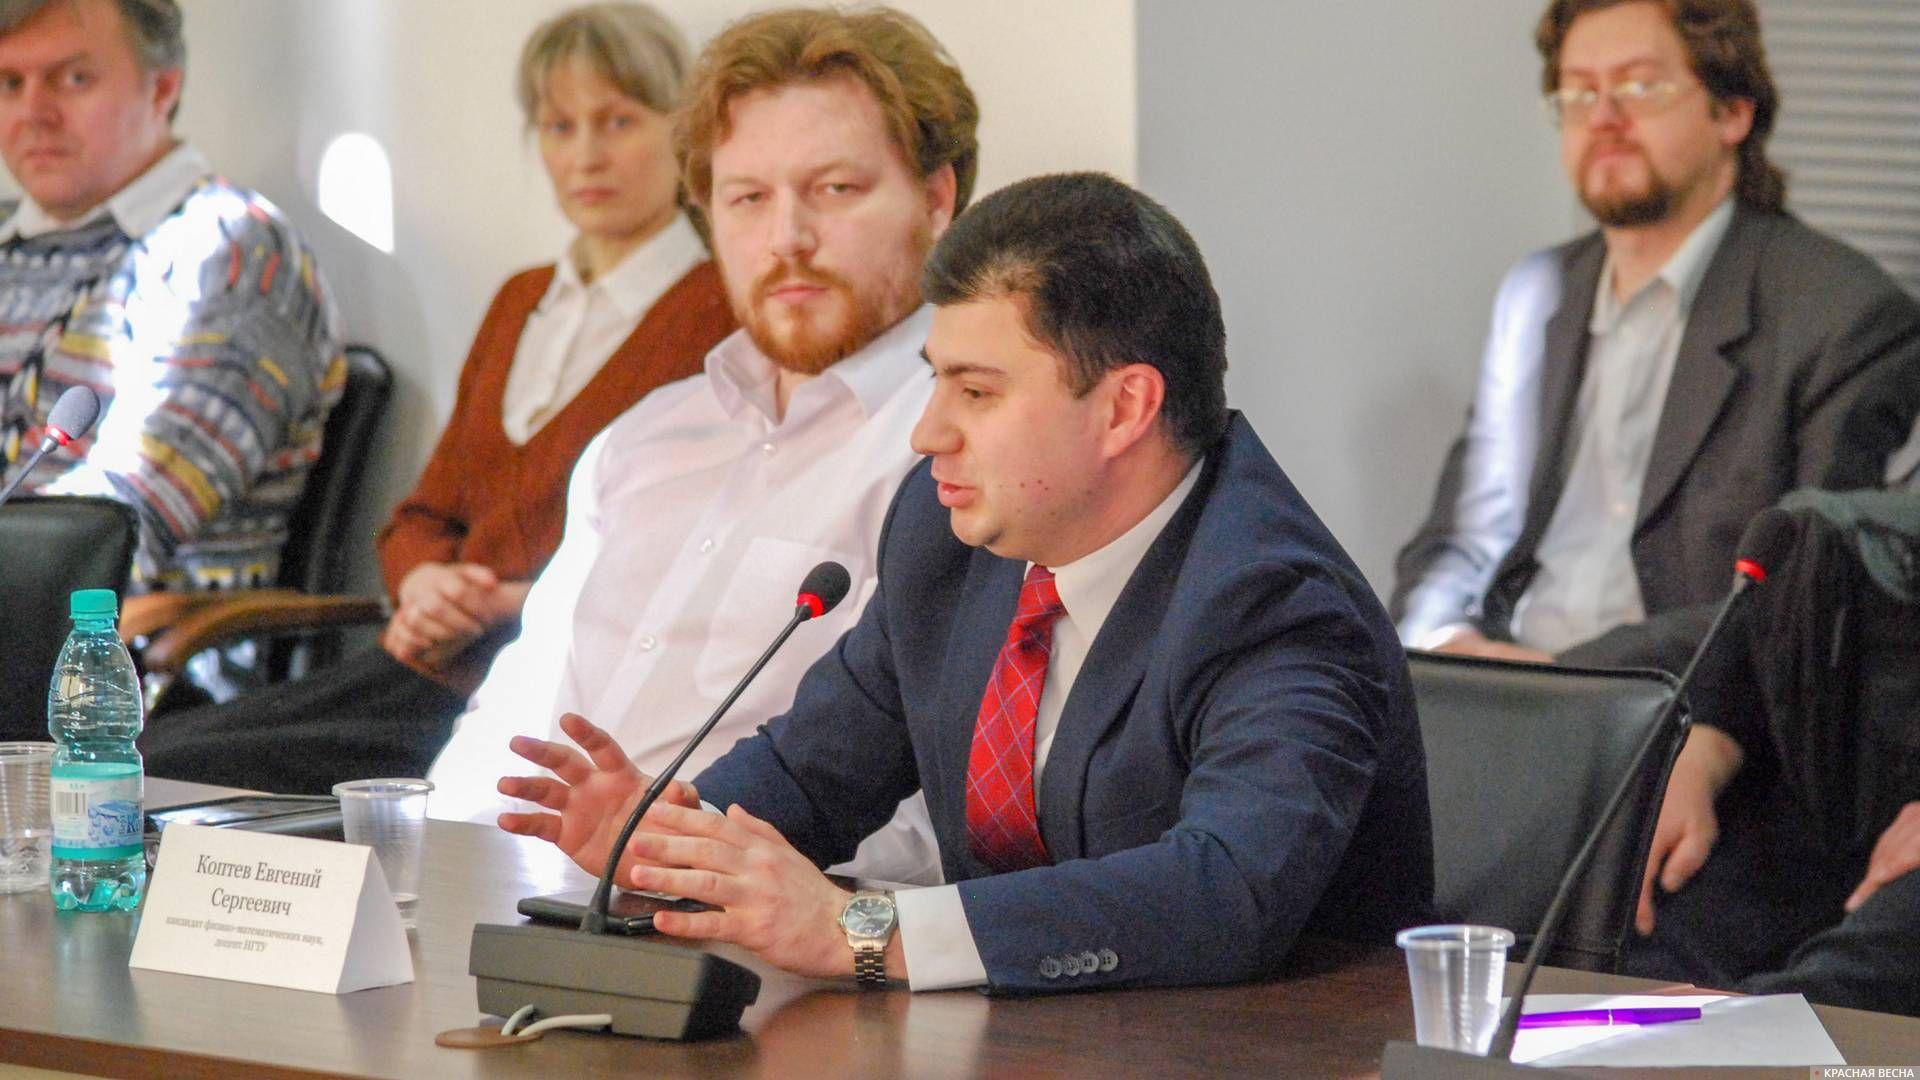 Доцент НГТУ на дискуссионном круглом столе в Новосибирске